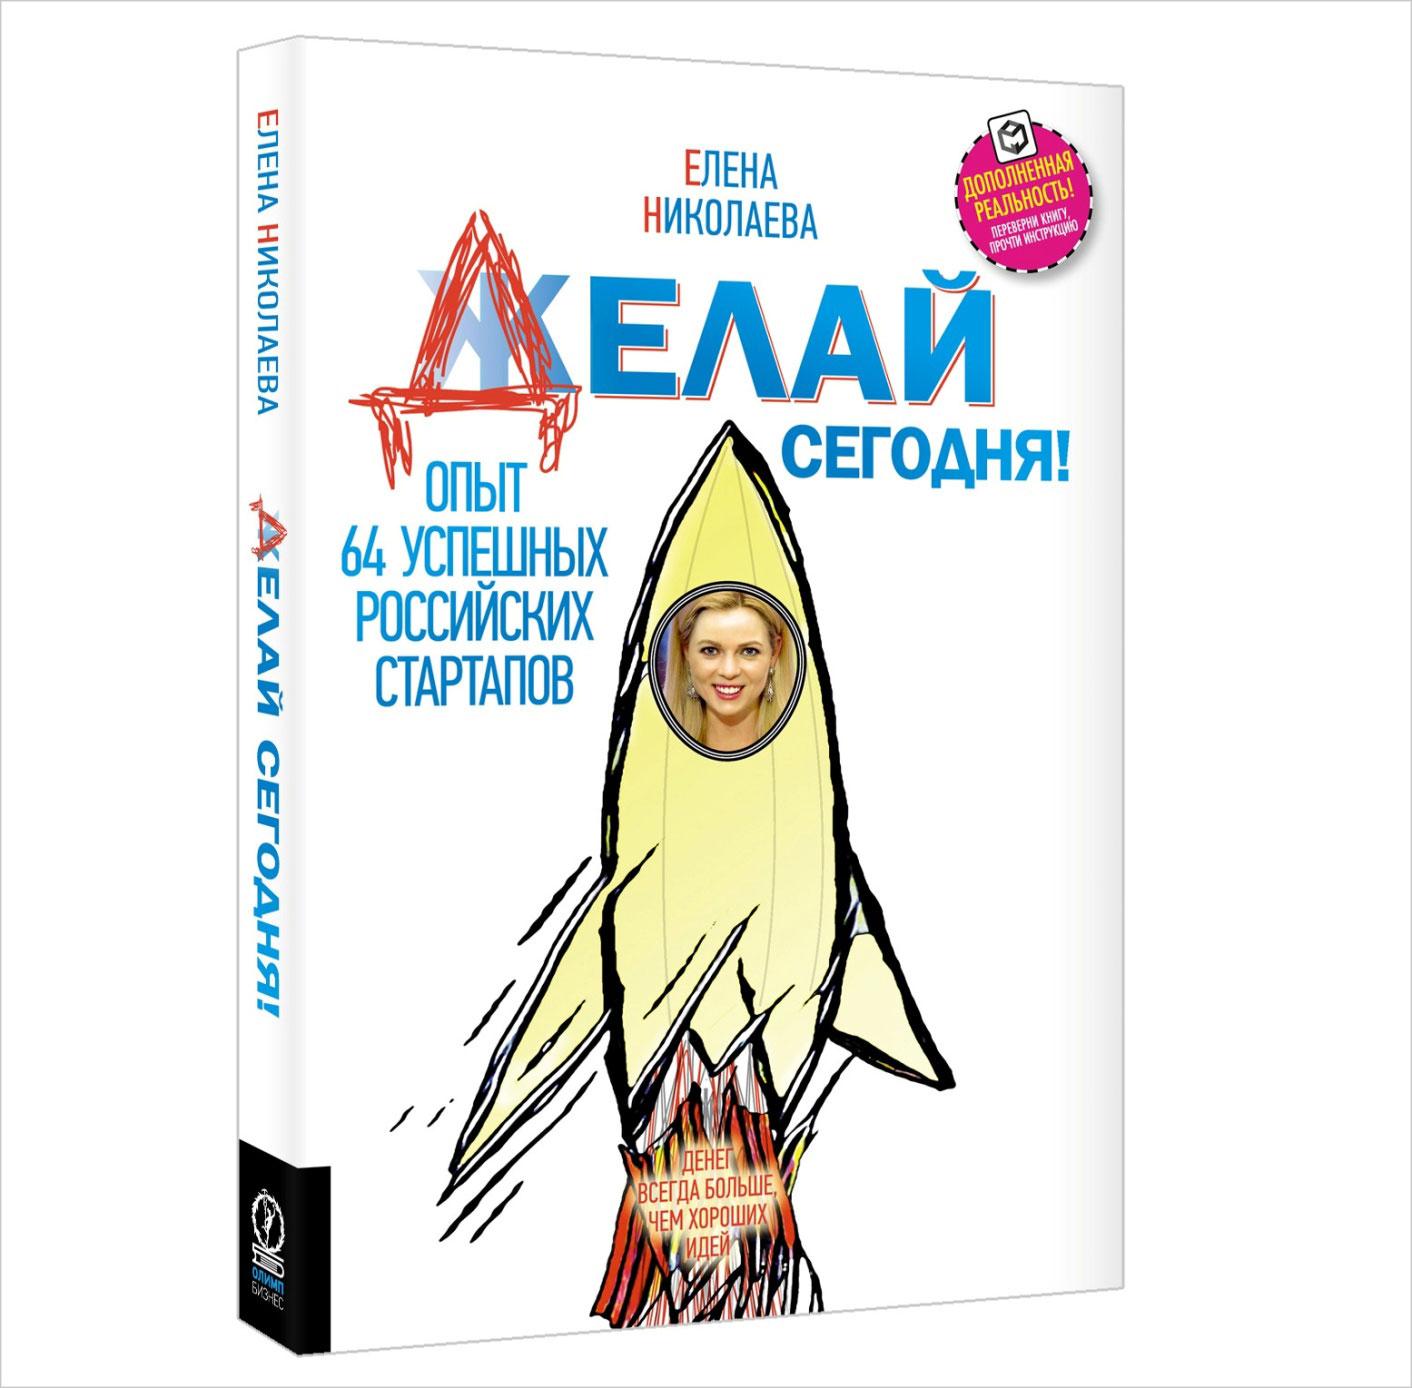 Делай сегодня! Опыт 64 успешных российских стартапов